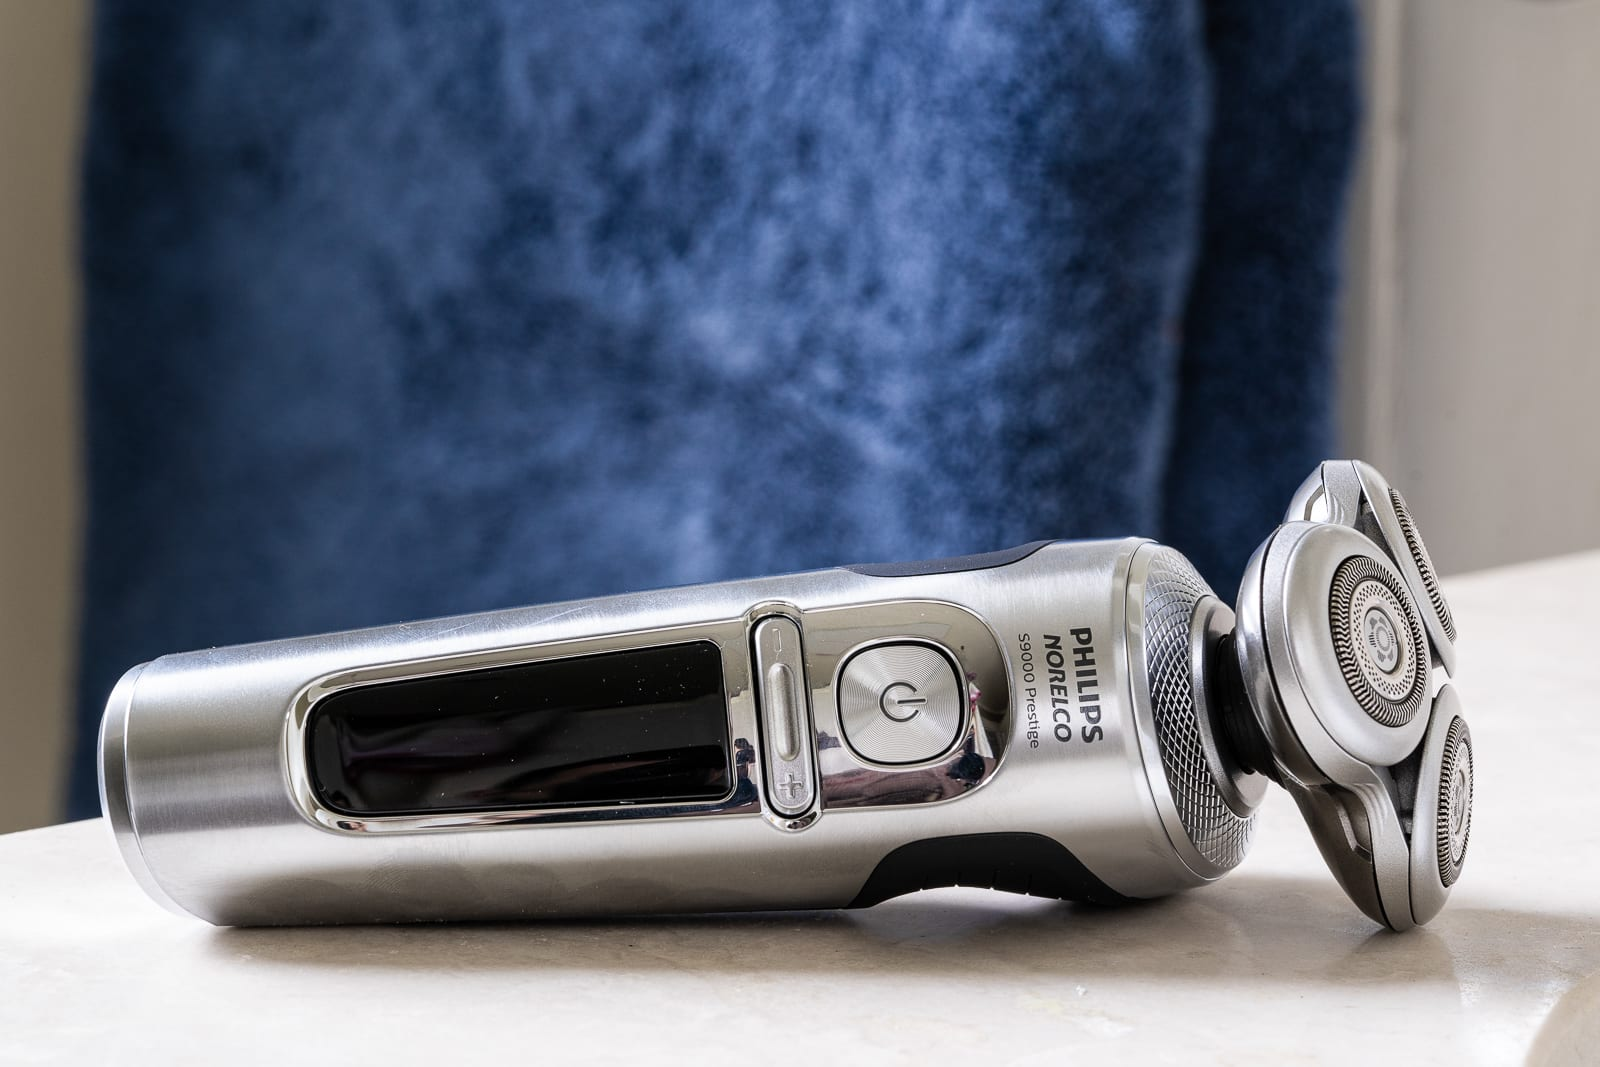 electric razor